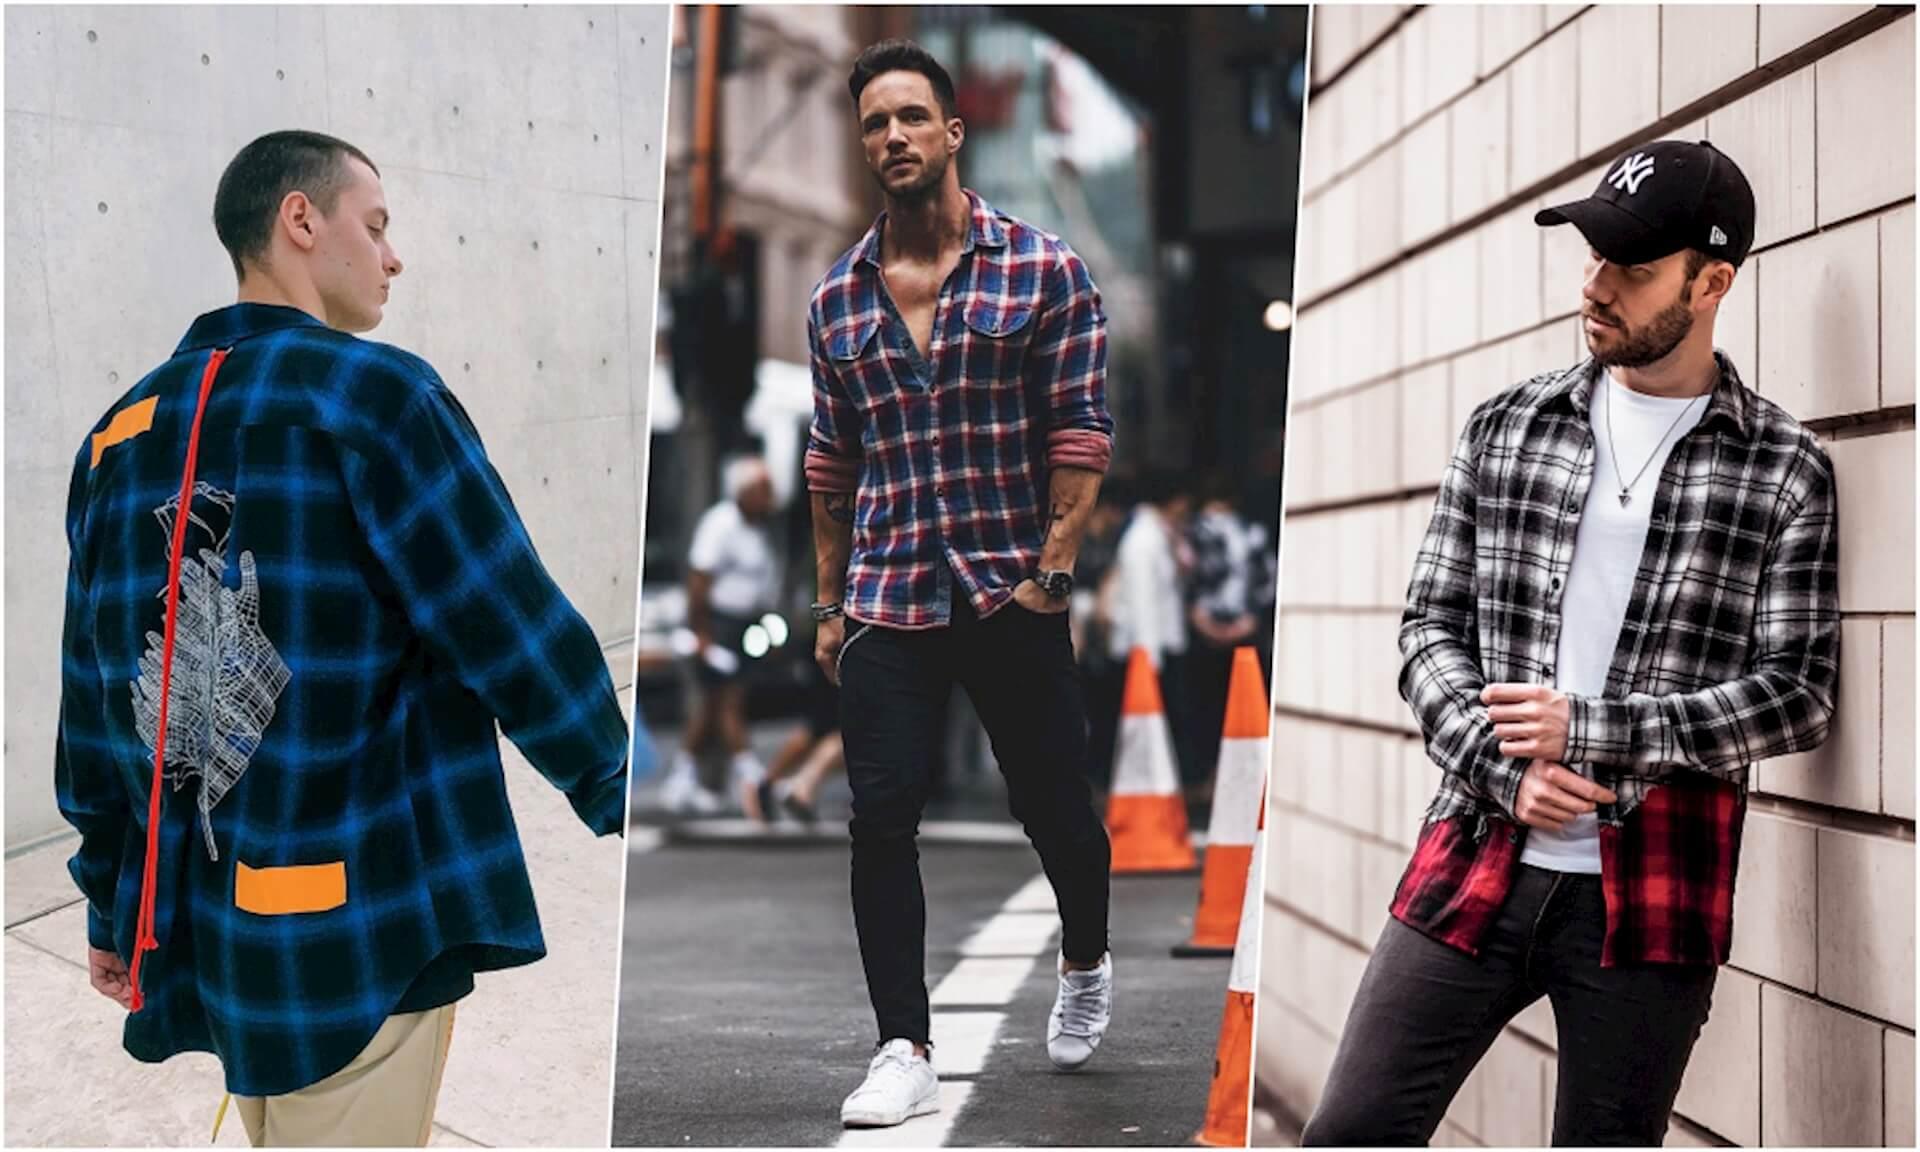 Áo flannel hay còn được biết với cái tên áo sơ mi caro từ lâu đã trở thành một món đồ không thể thiếu trong tủ quần áo